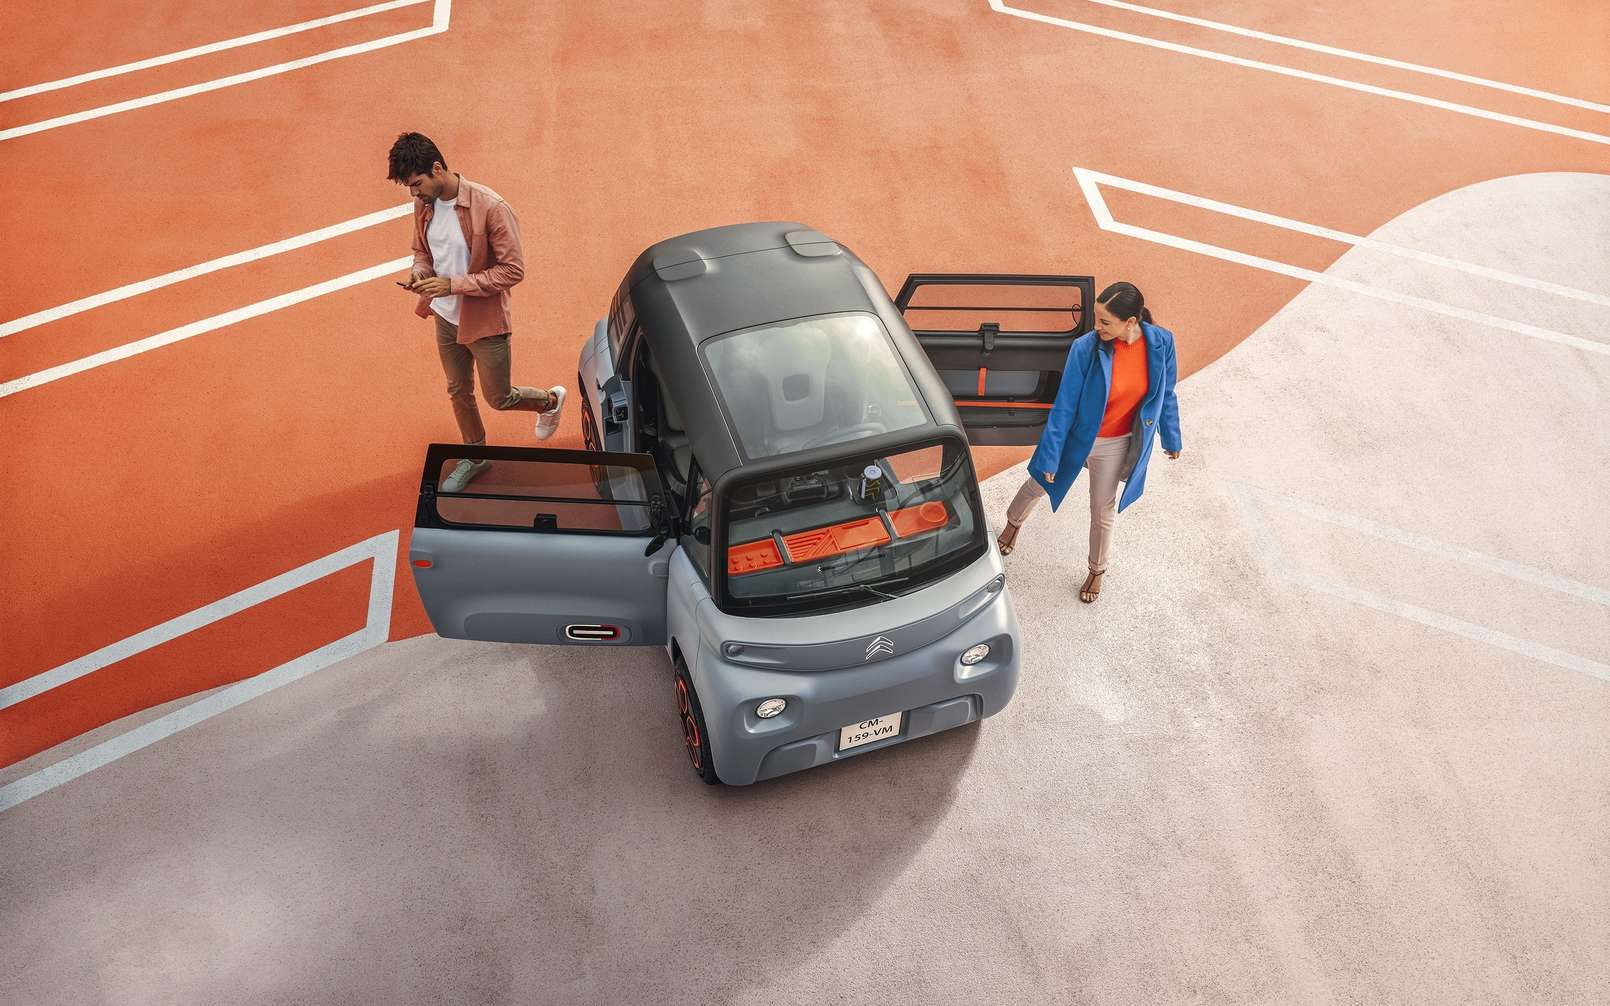 Citroën a opté pour des portes à ouverture antagoniste et une symétrie des pièces afin d'abaisser le coût de production de l'Ami. © Citroën